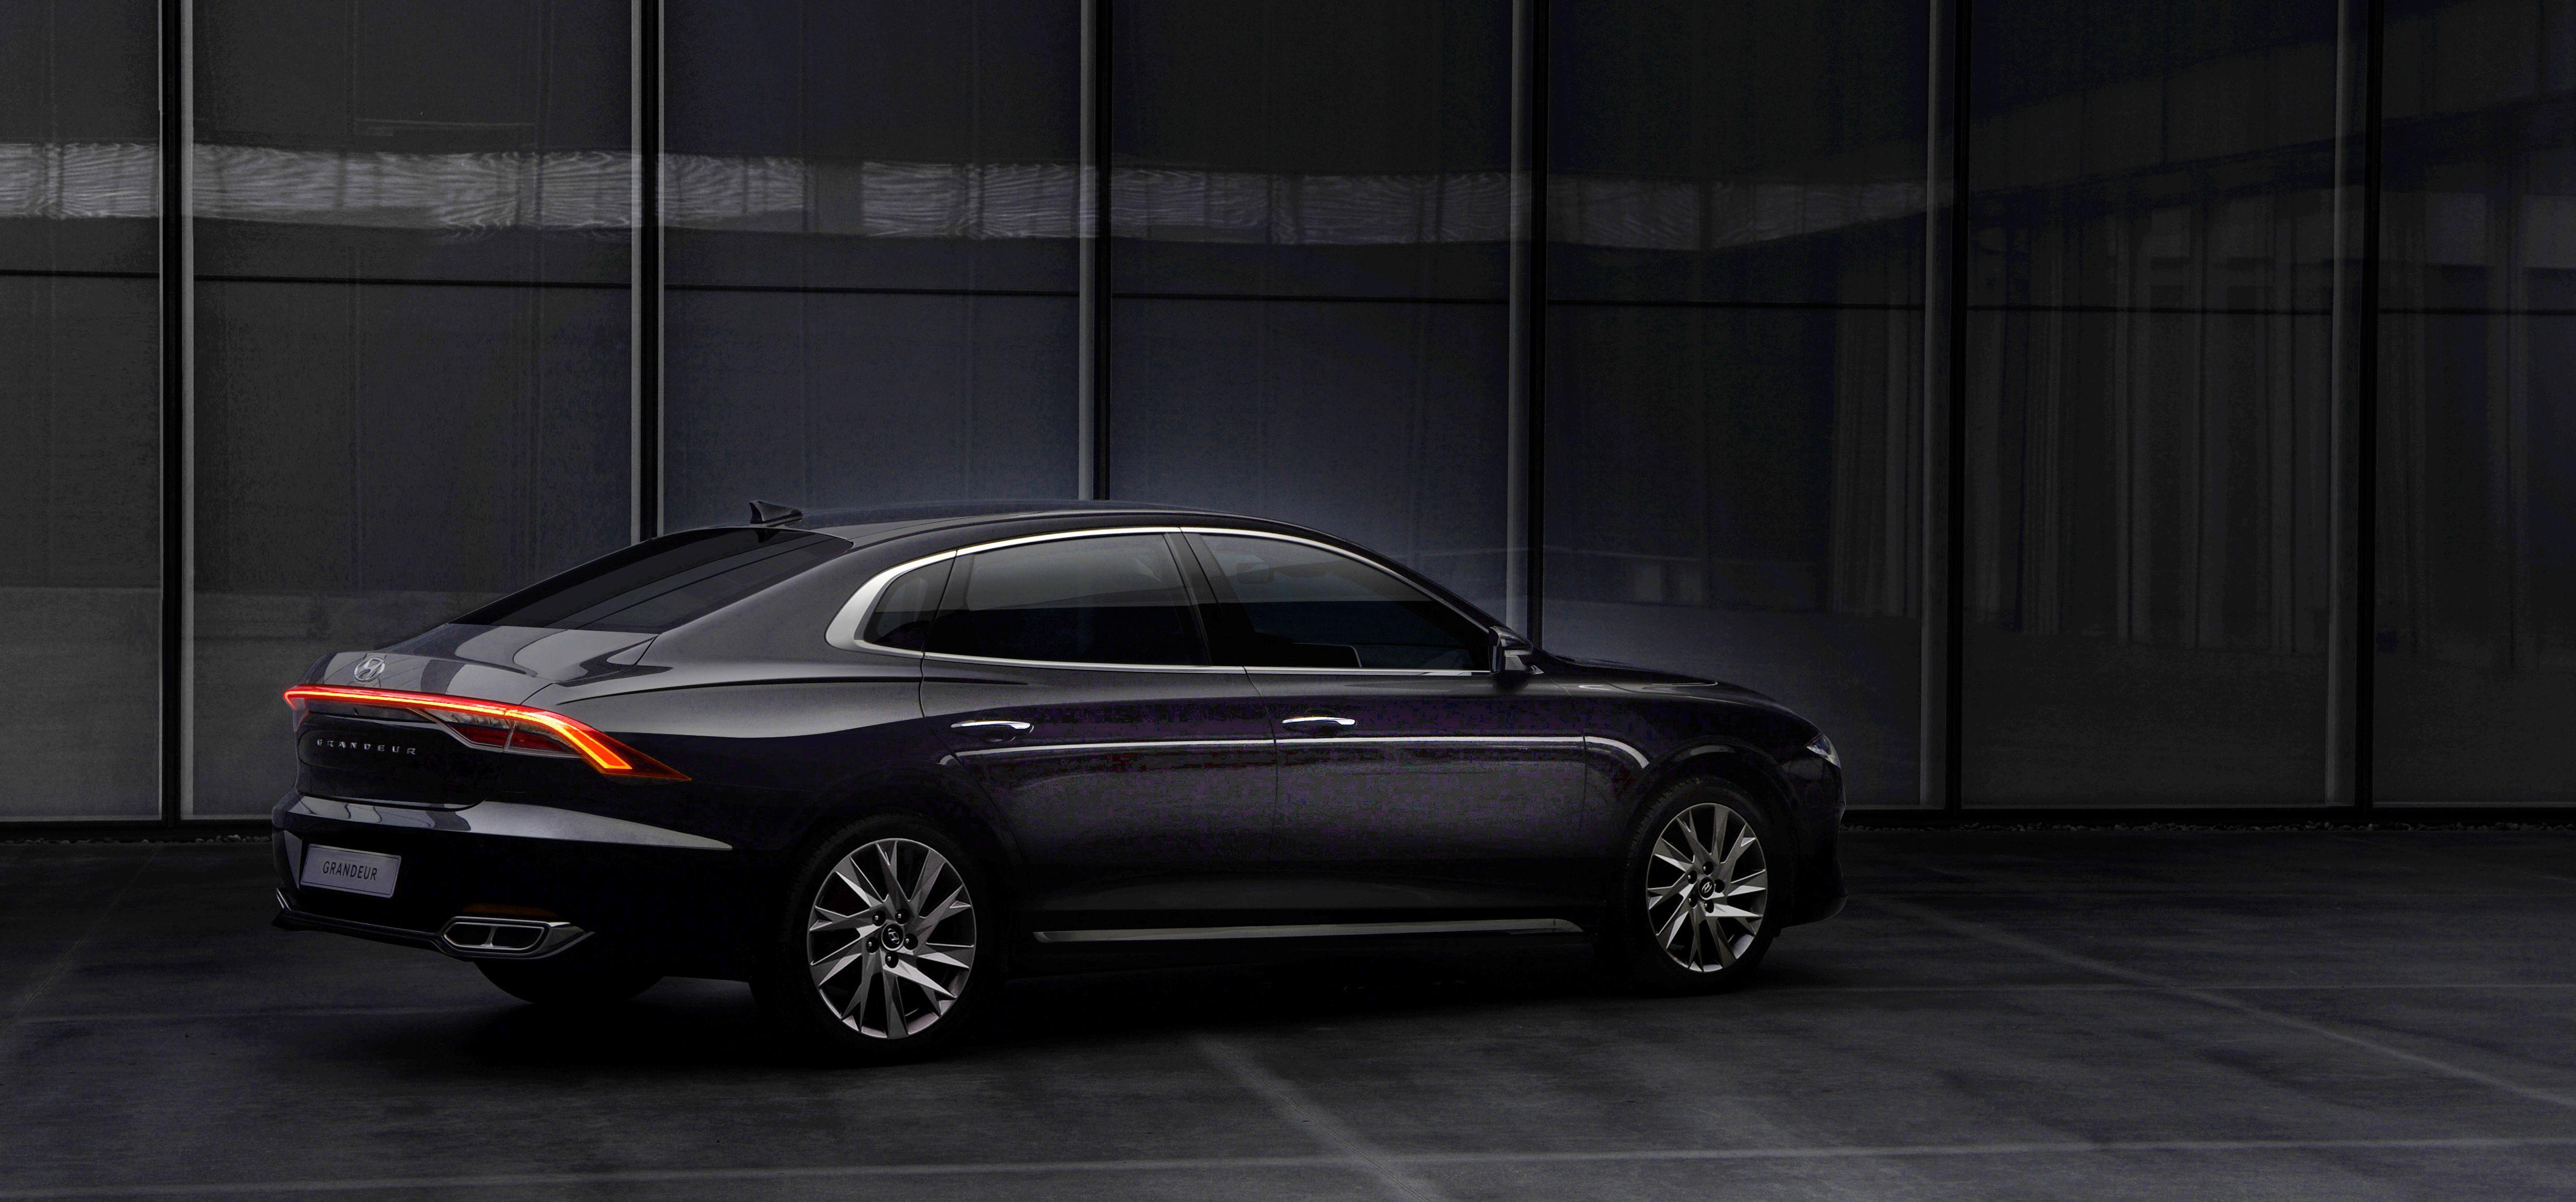 2021 Hyundai Azera Prices